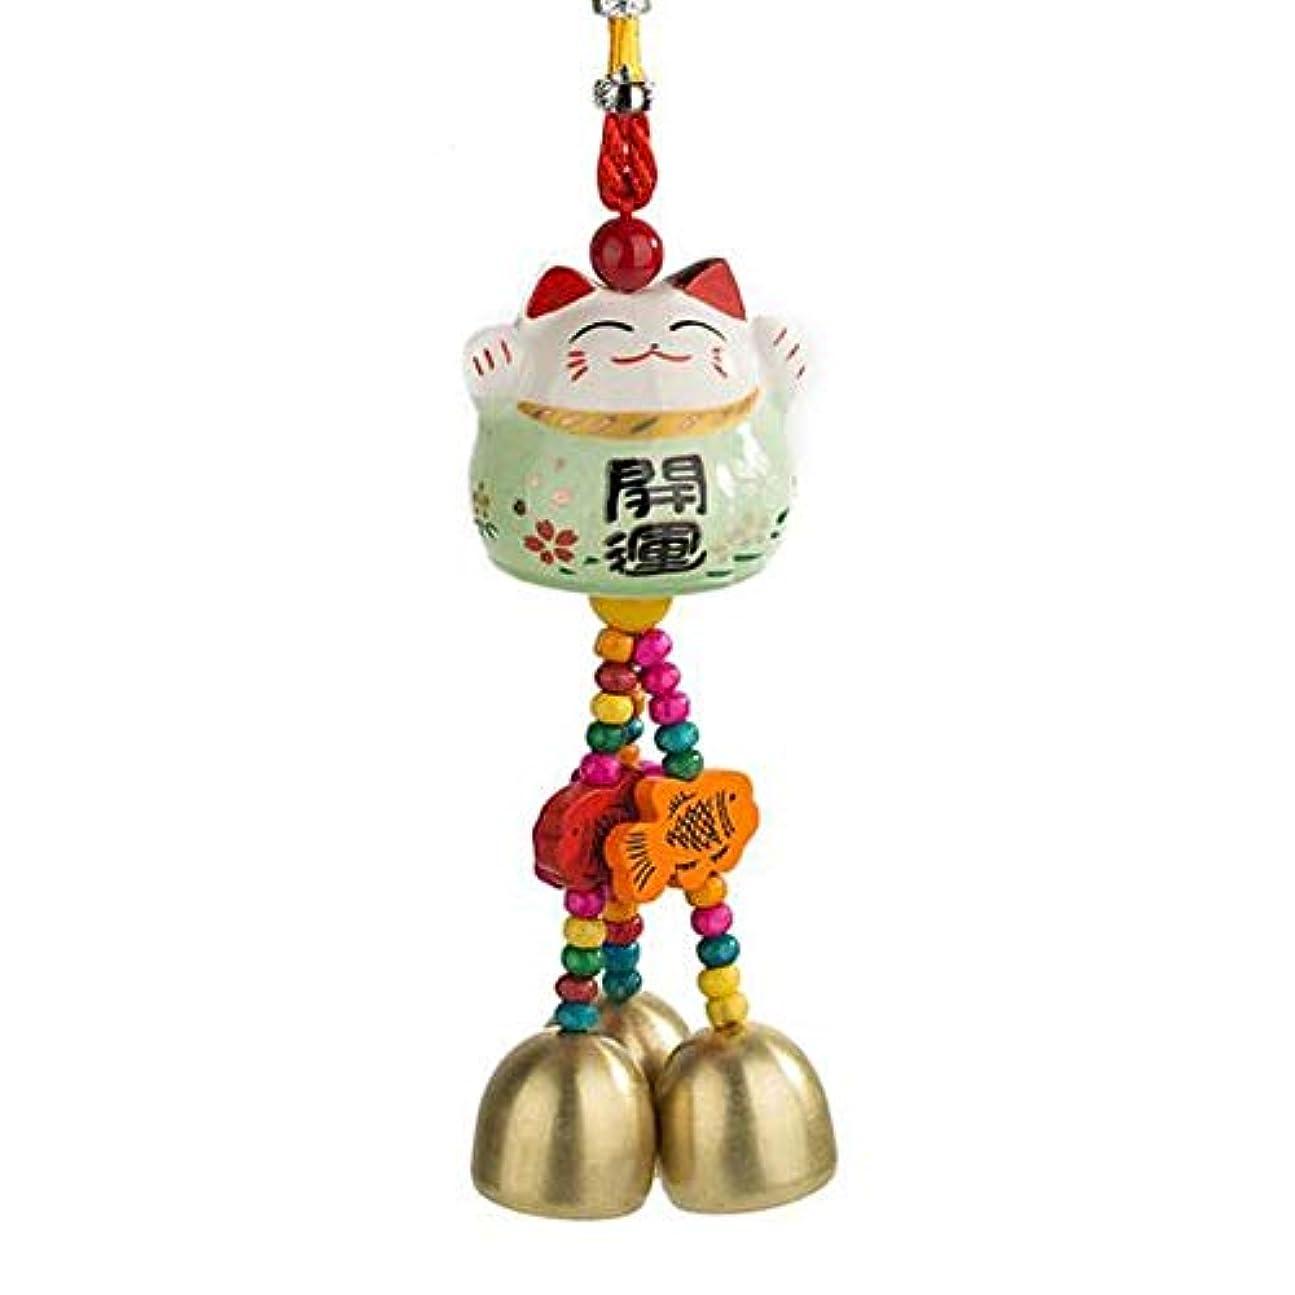 征服突っ込む新聞Gaoxingbianlidian001 風チャイム、かわいいクリエイティブセラミック猫風の鐘、グリーン、長い28センチメートル,楽しいホリデーギフト (Color : Green)